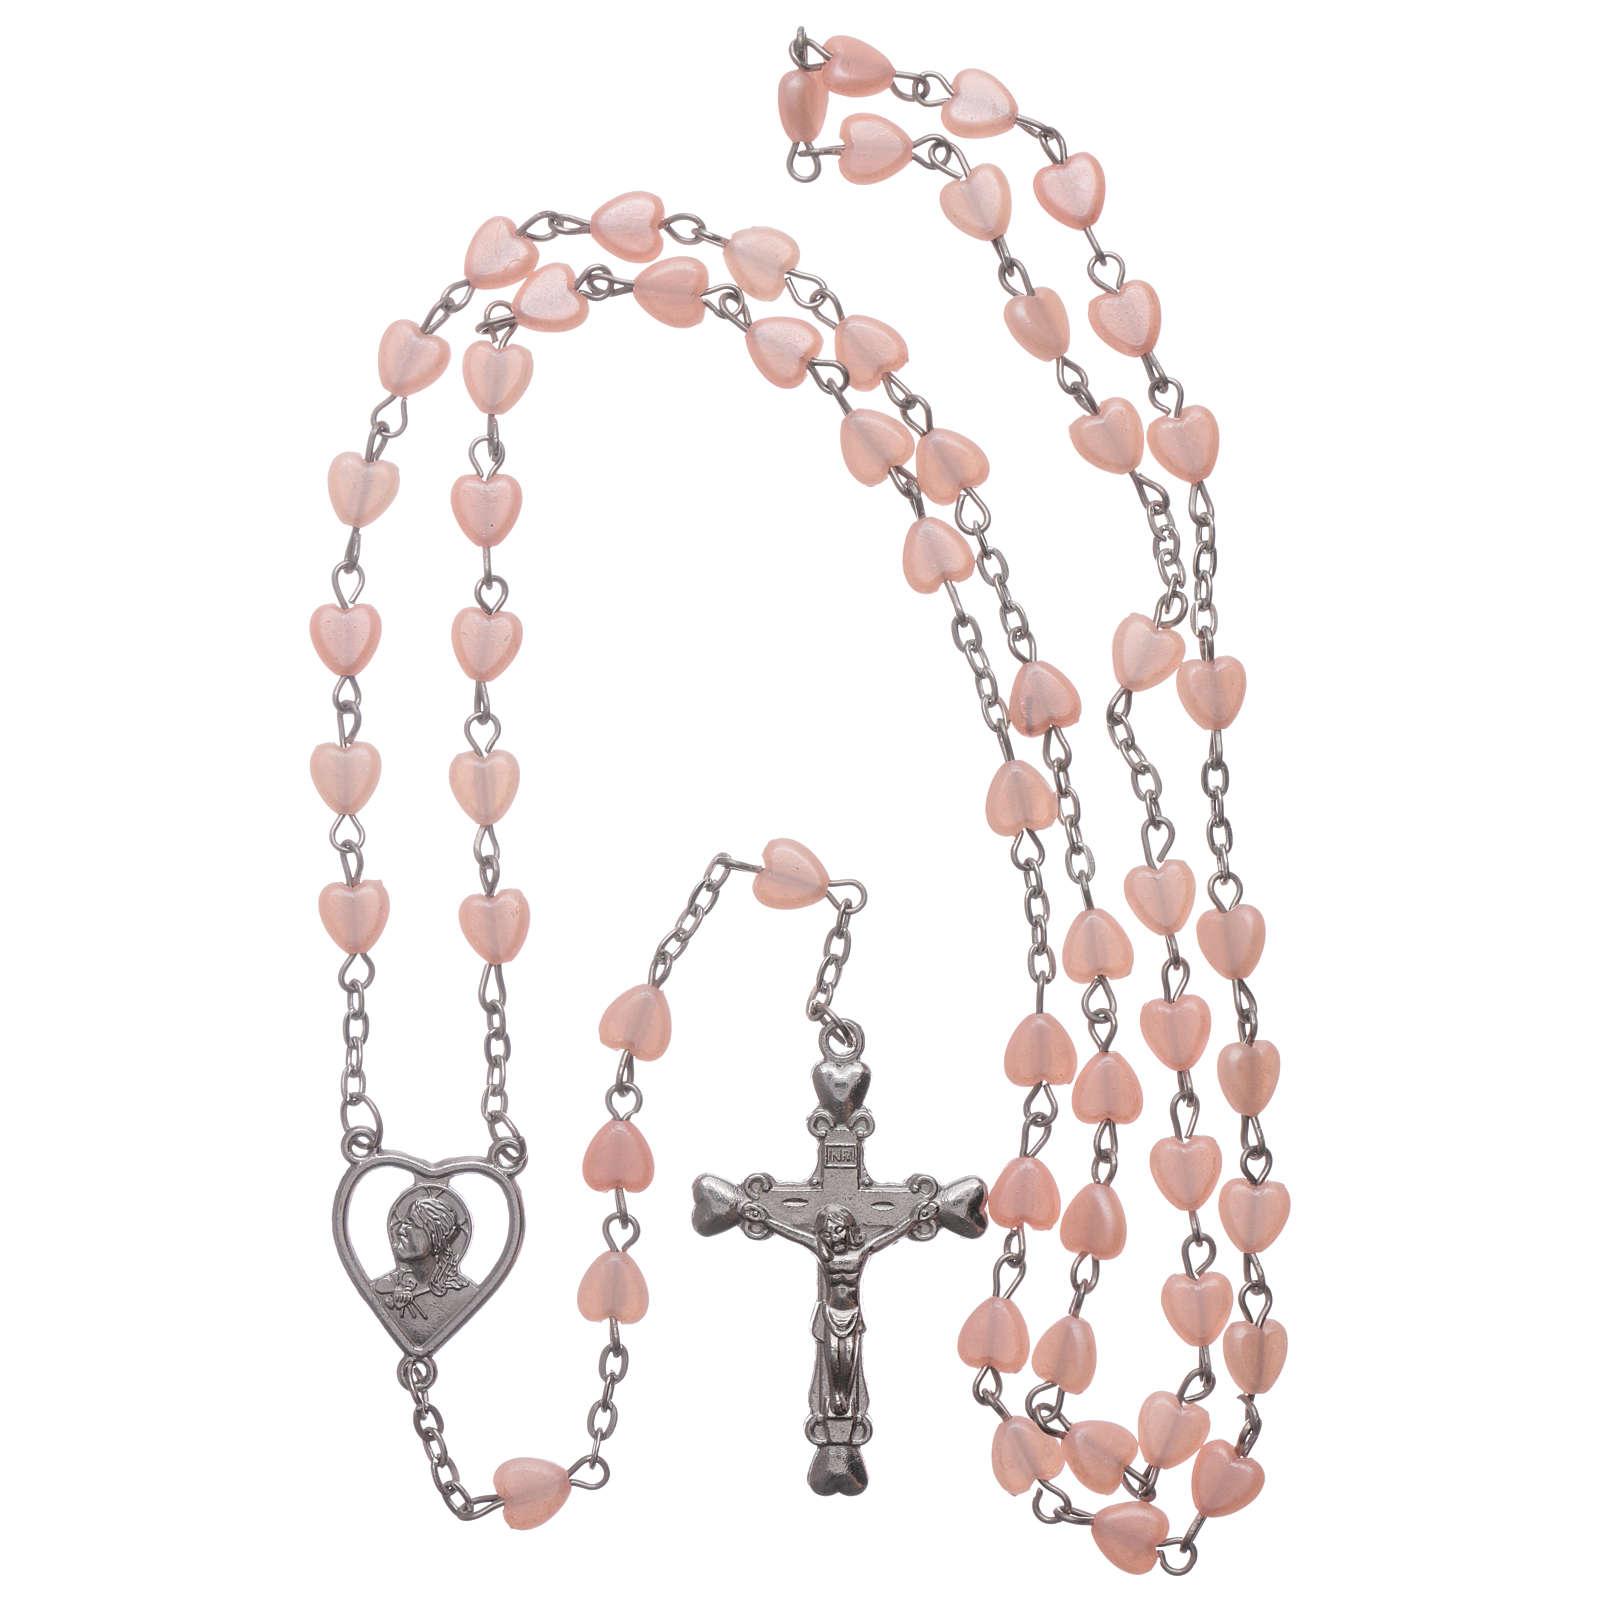 STOCK Rosenkranz mit rosa Perlen in Herzform, Metallbindung 4